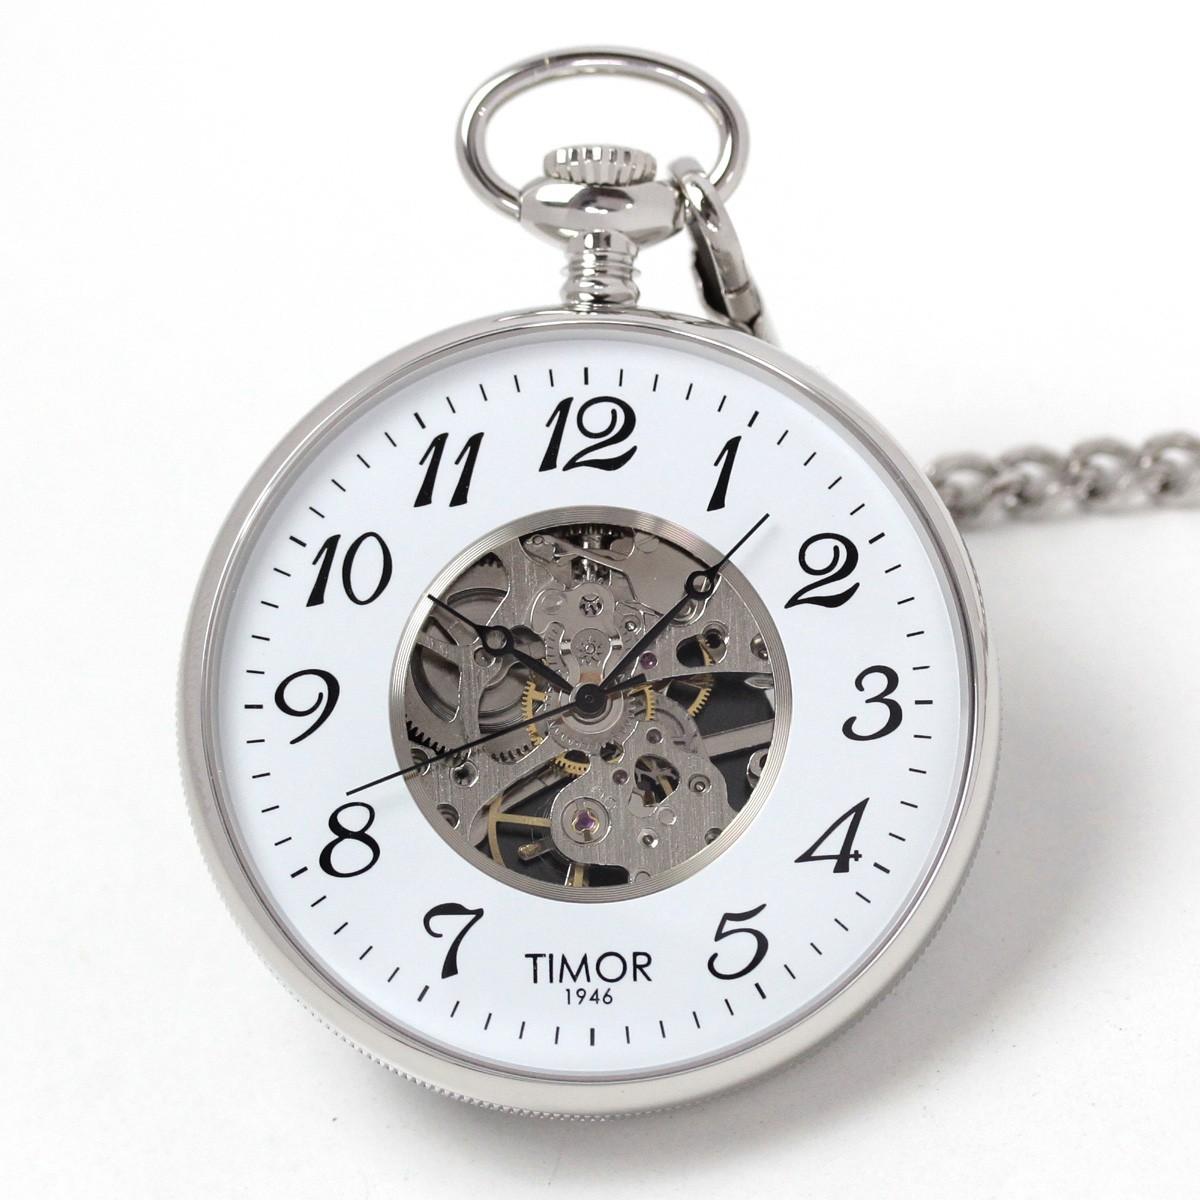 Timor(ティモール) オープンフェイス スケルトン 懐中時計 シルバーカラー TP103CH02